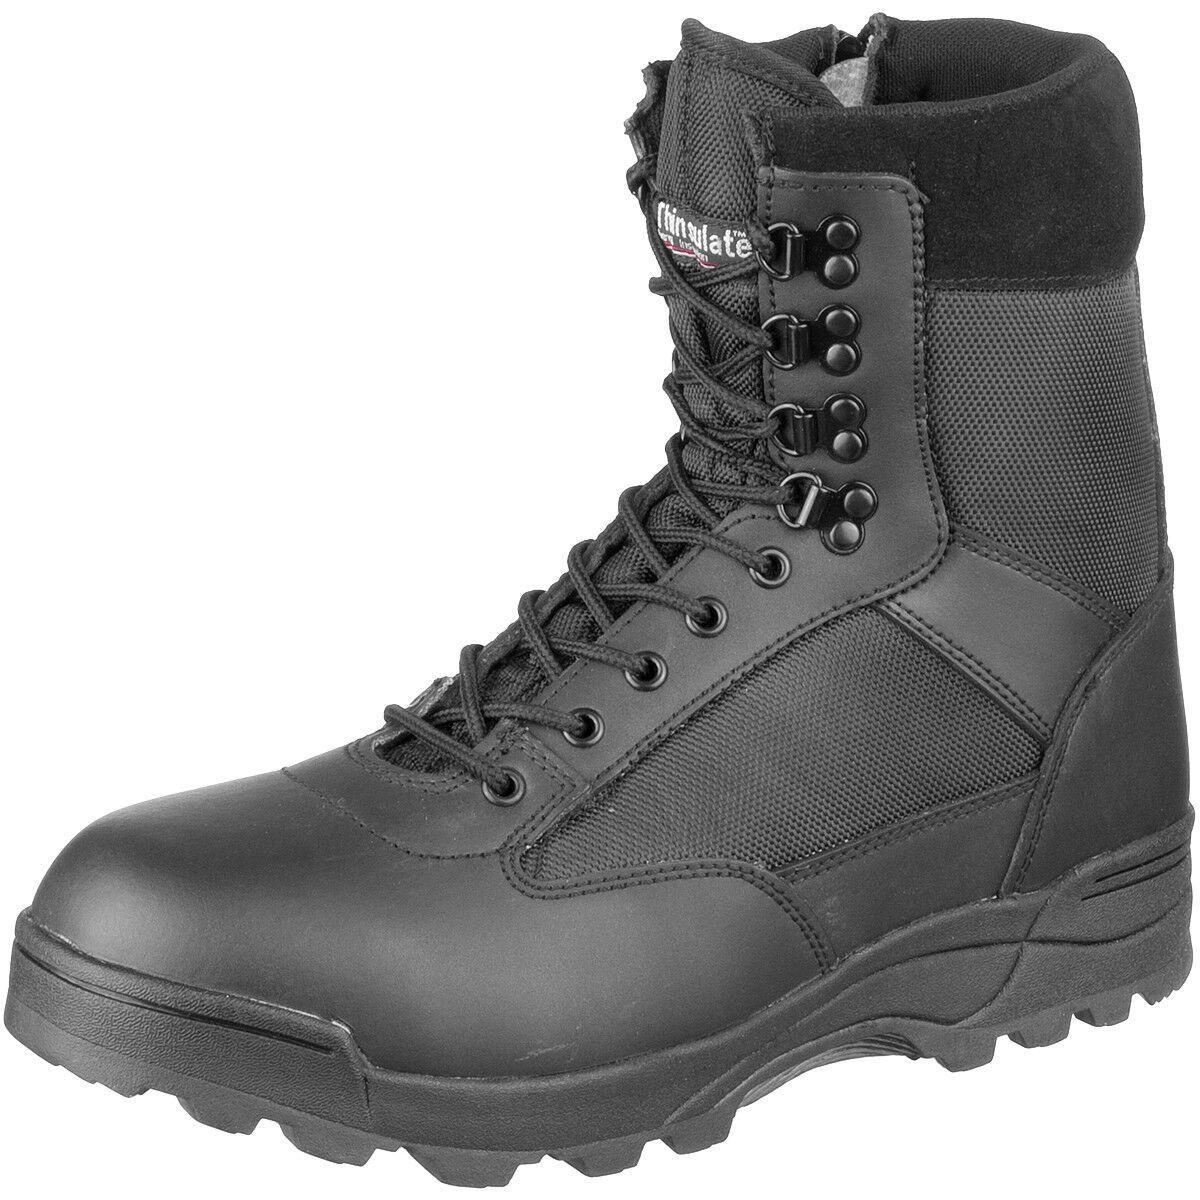 Brandit Taktische Militär Bekämpfen Side Zip Stiefel Polizei Leder Schuhe Schwar